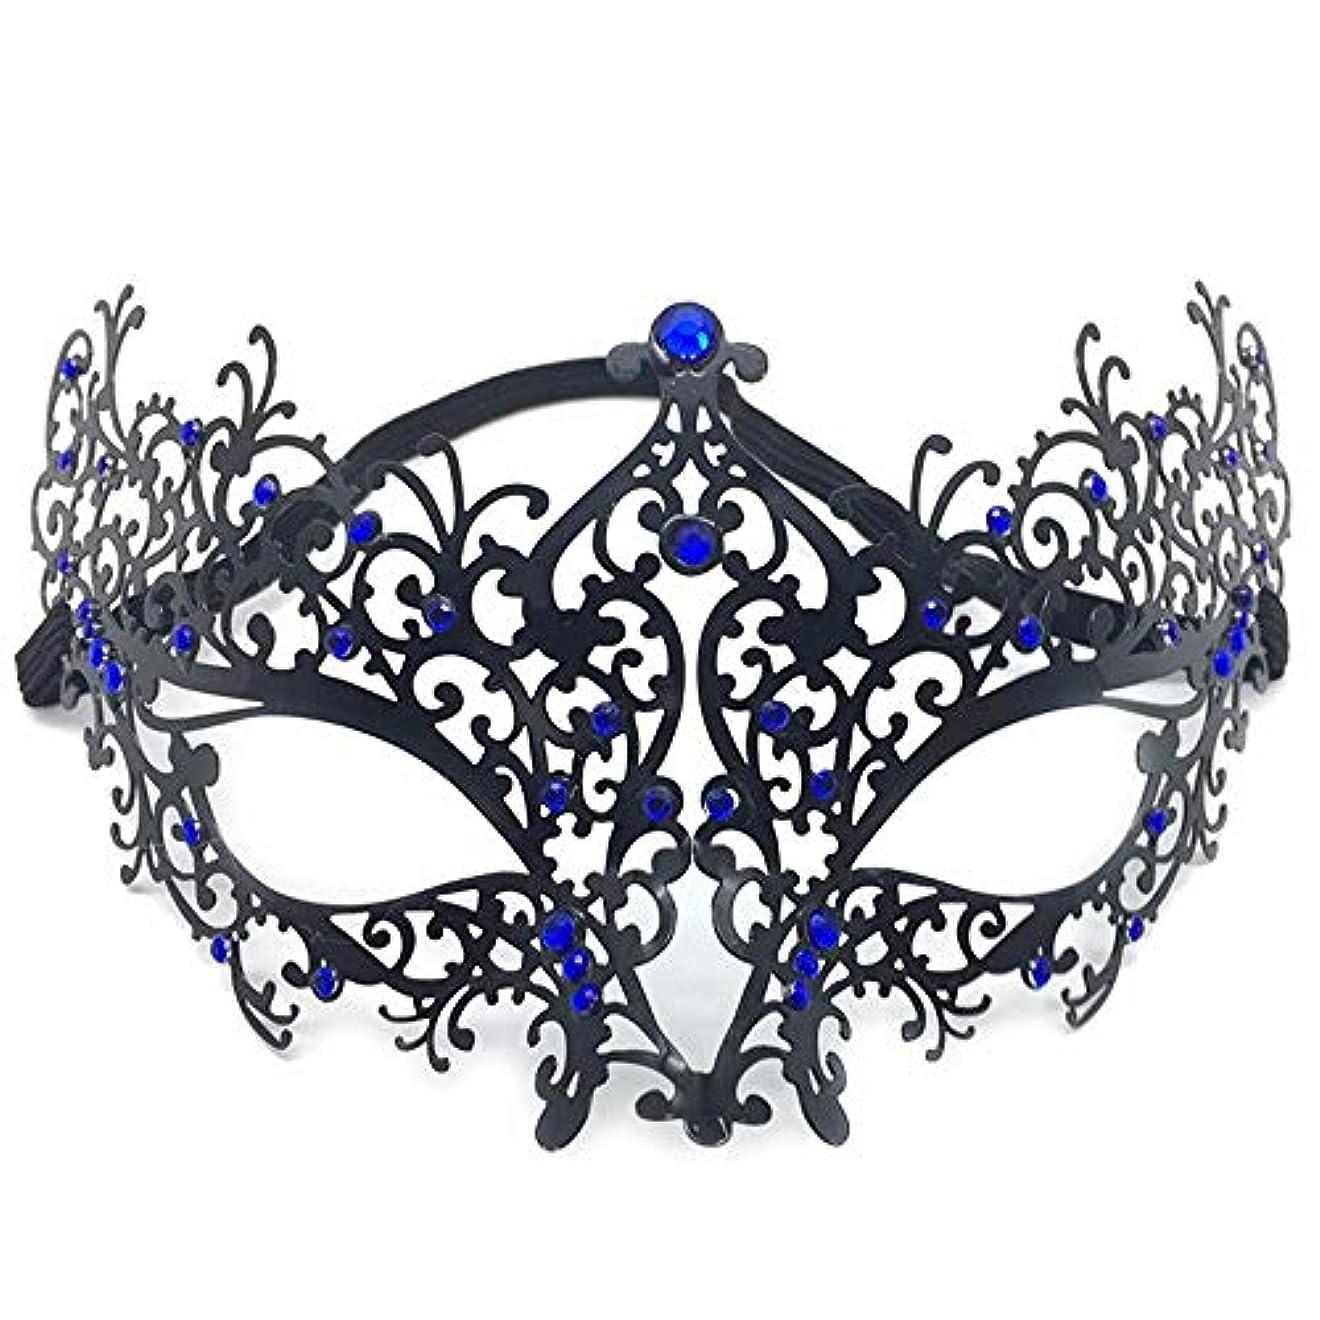 支店スタッフ行商ハロウィーンマスク仮装アイアンマスクパーティードレスアップメタルダイヤモンドハーフフェイスマスク (Color : RED)